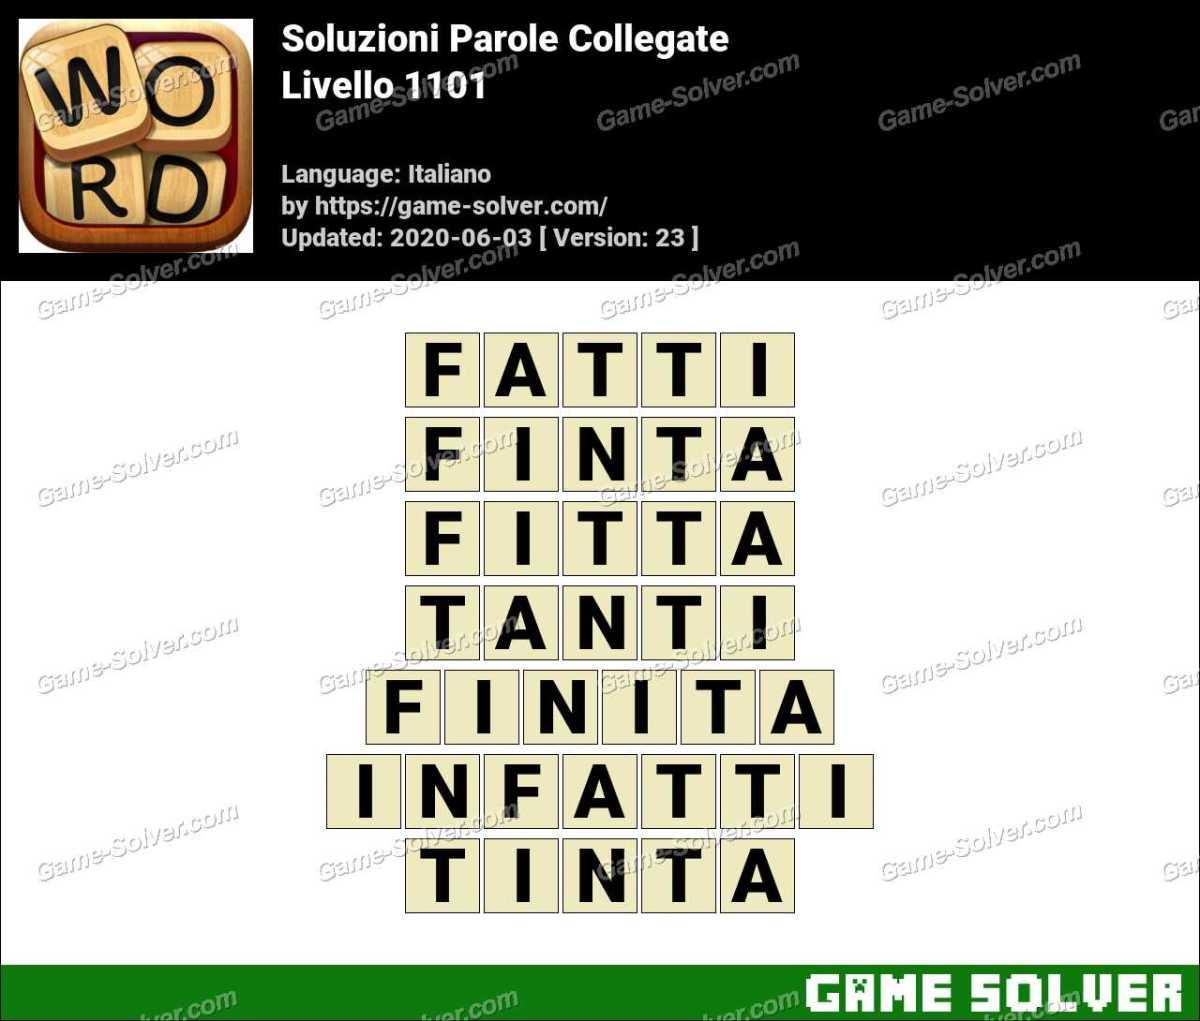 Soluzioni Parole Collegate Livello 1101